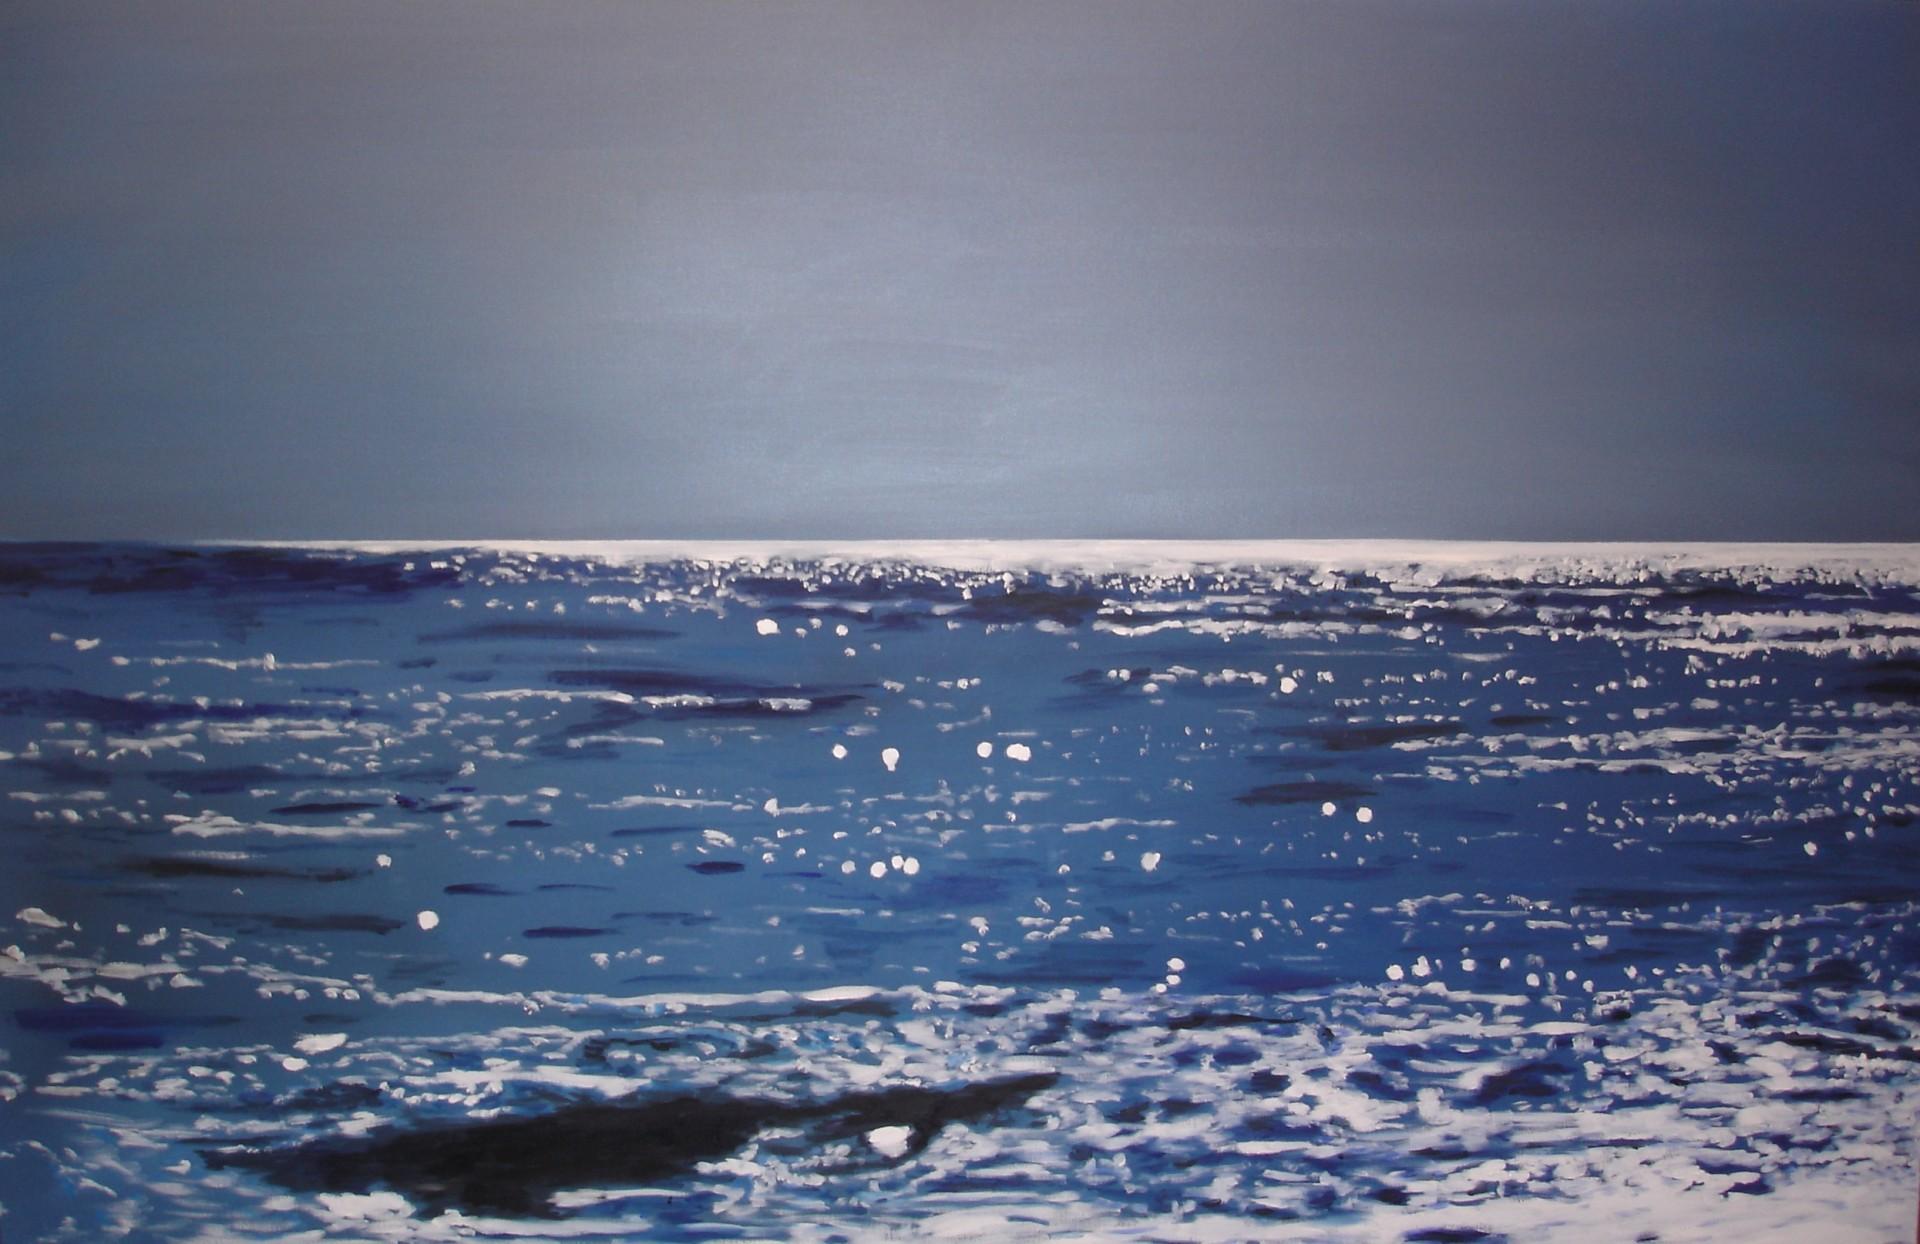 Swakop Lichtleicht, 2013, Öl auf Leinwand, 100 x 155 cm